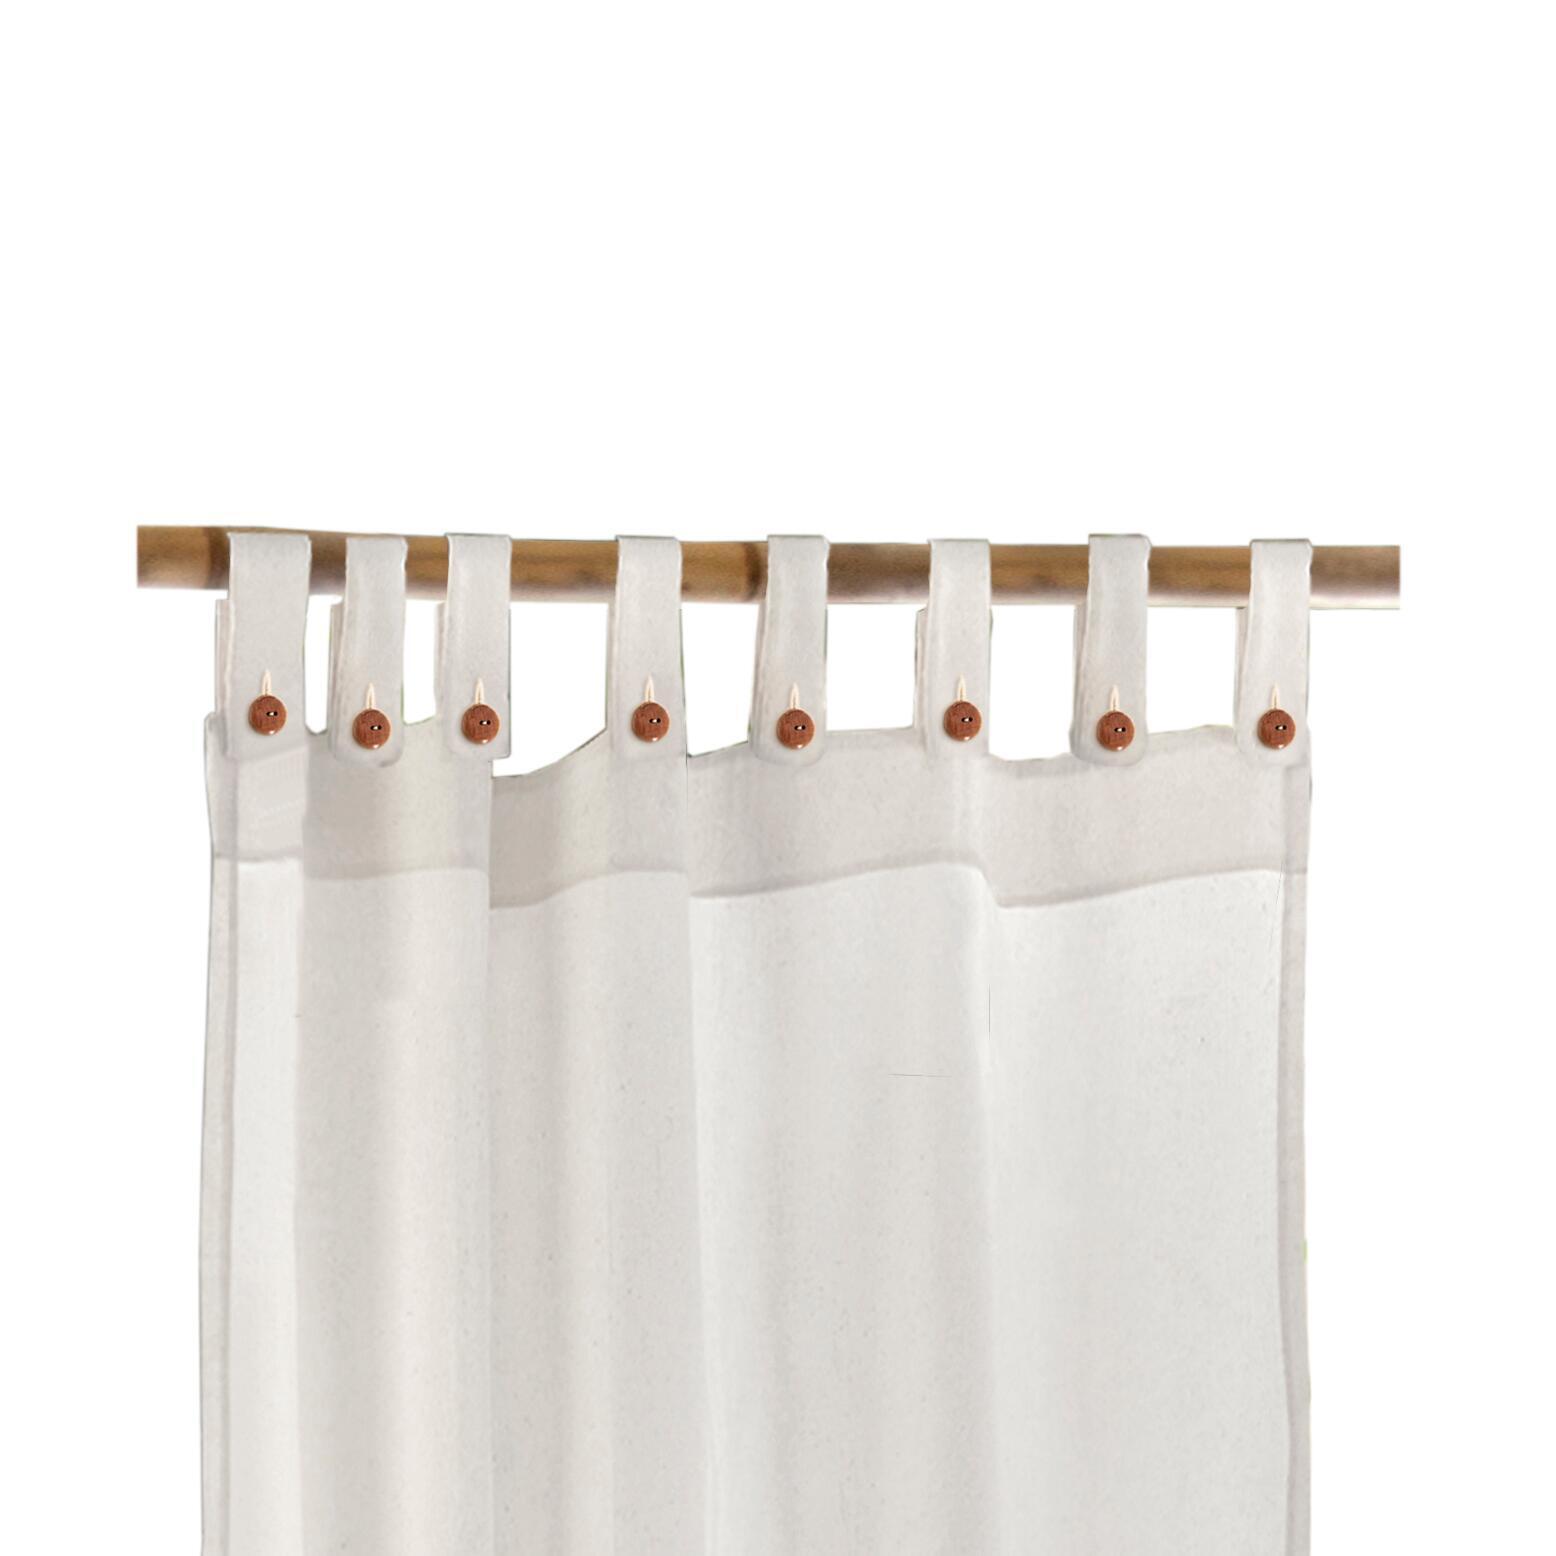 Tenda Gazebo bianco con passanti 140 x 280 cm - 3